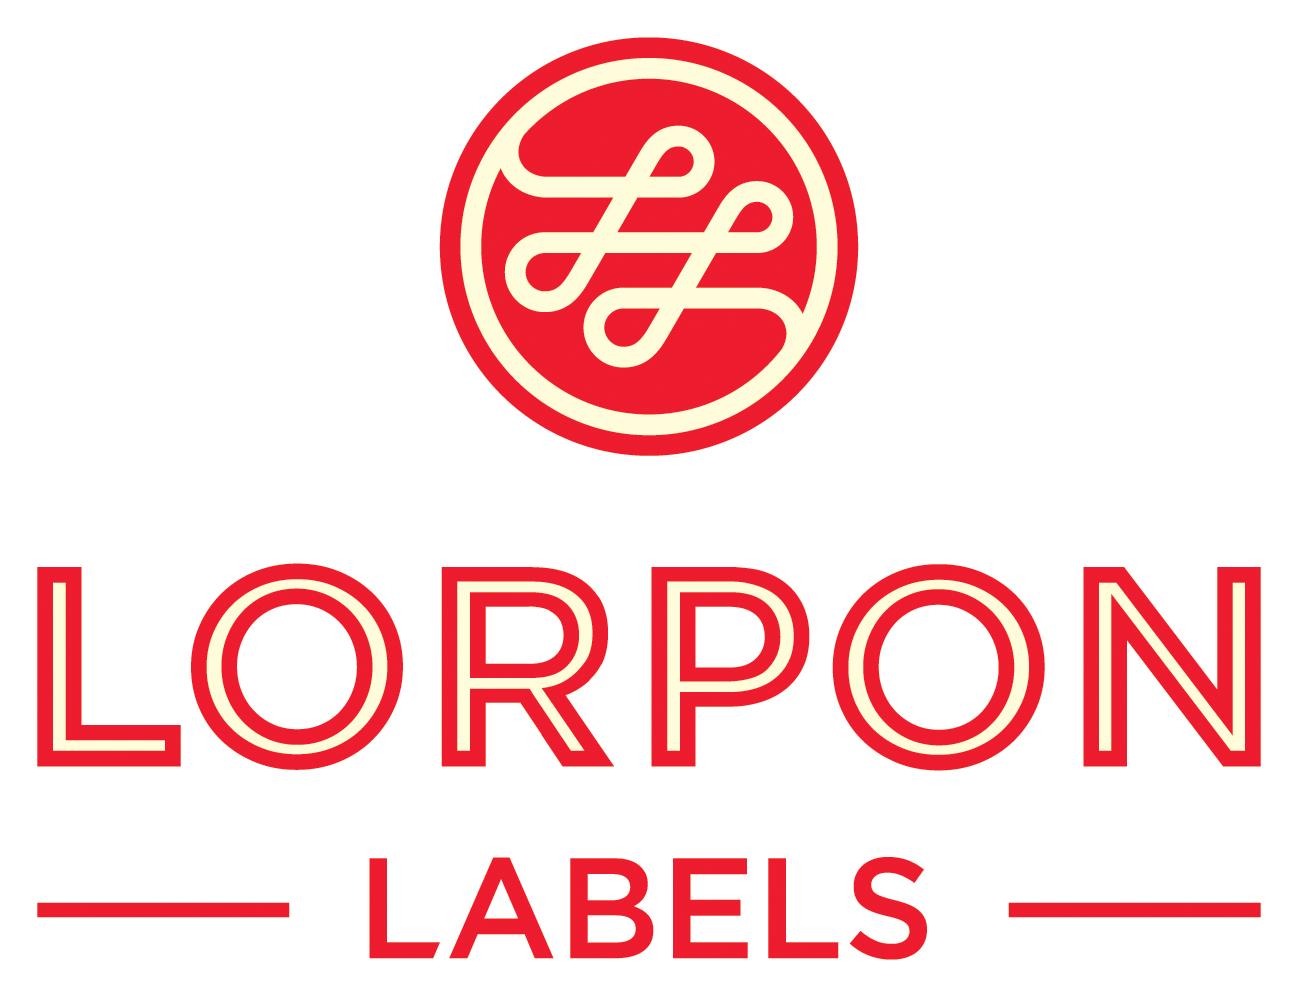 Lorpon